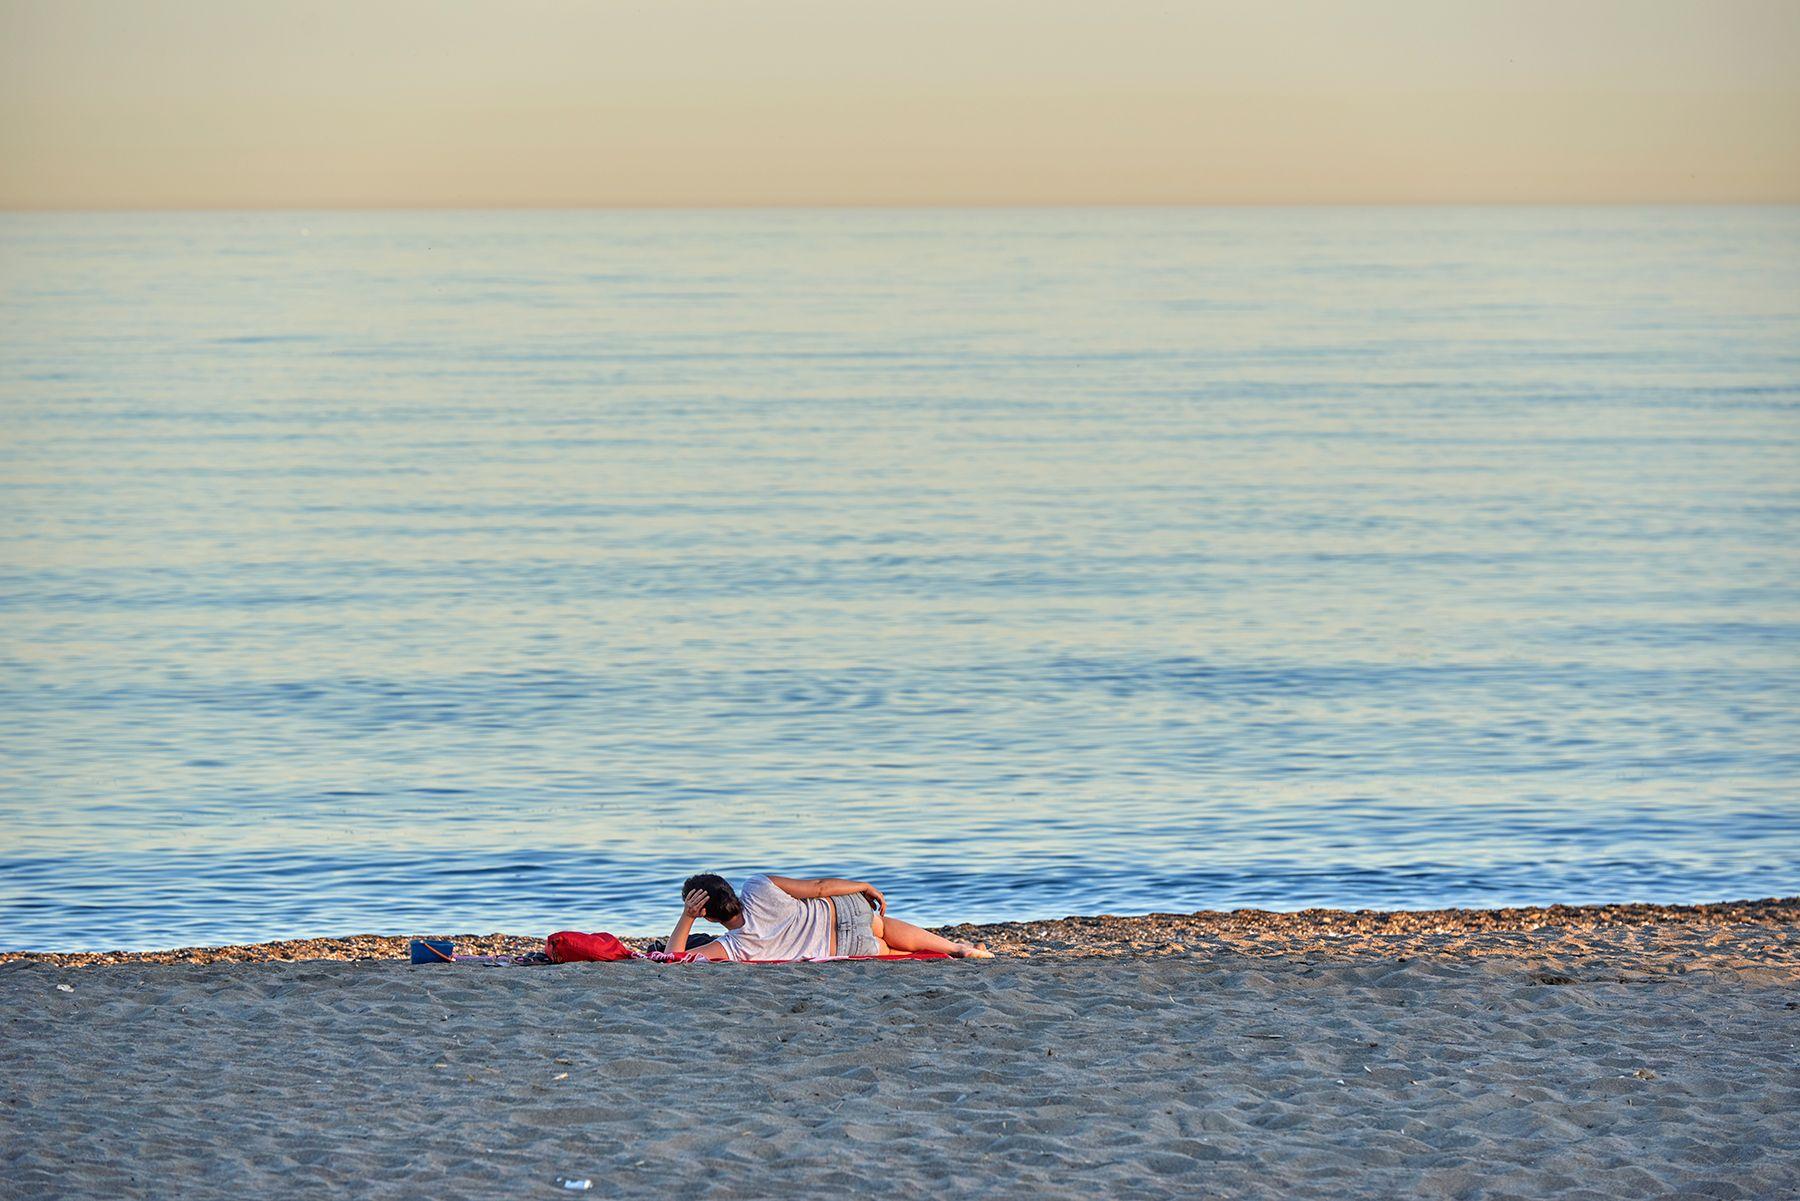 El sueño de una tarde de verano